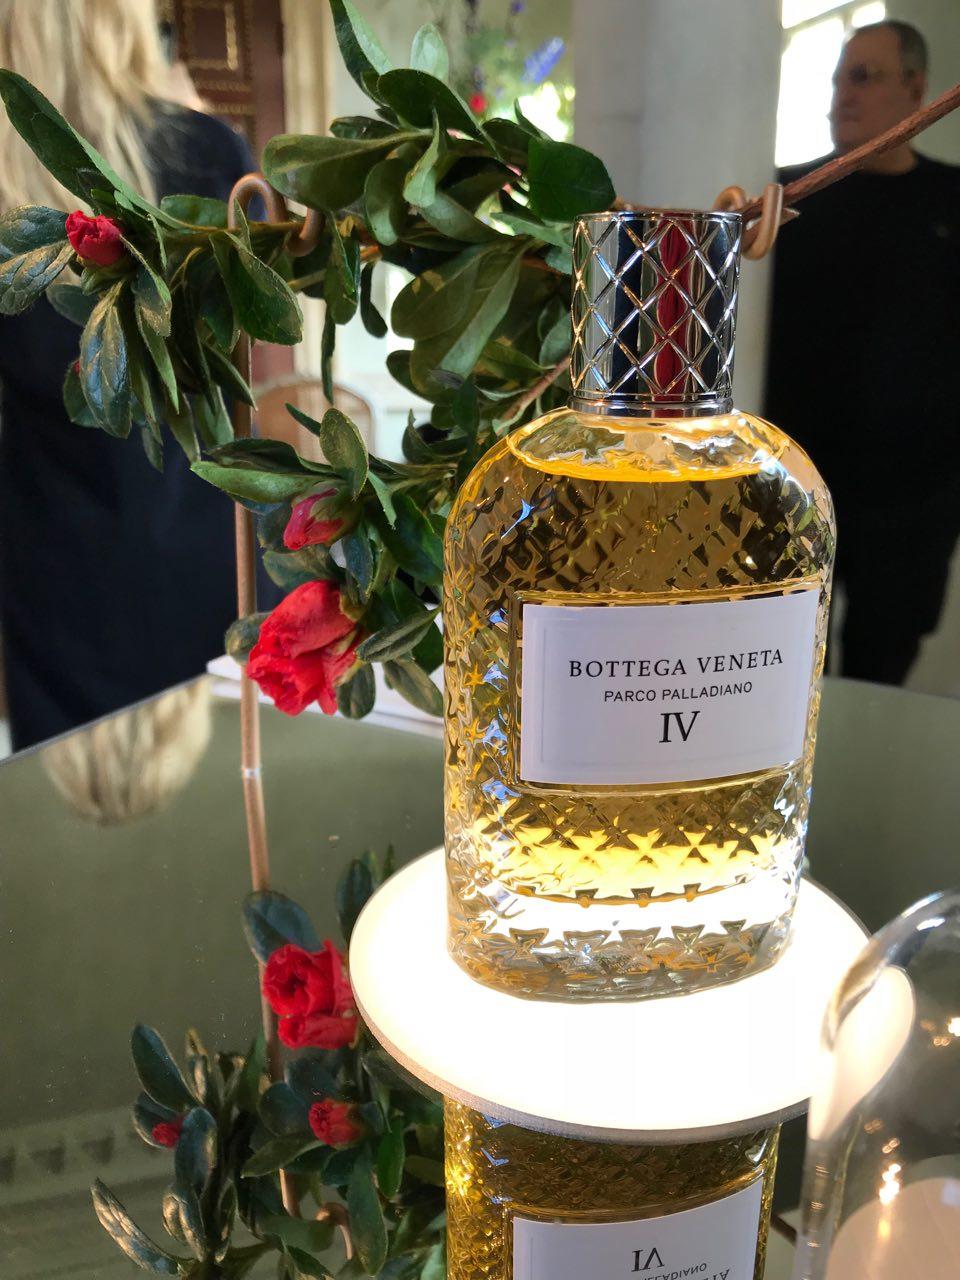 One of the Bottega Veneta Parco Palladiano fragrances